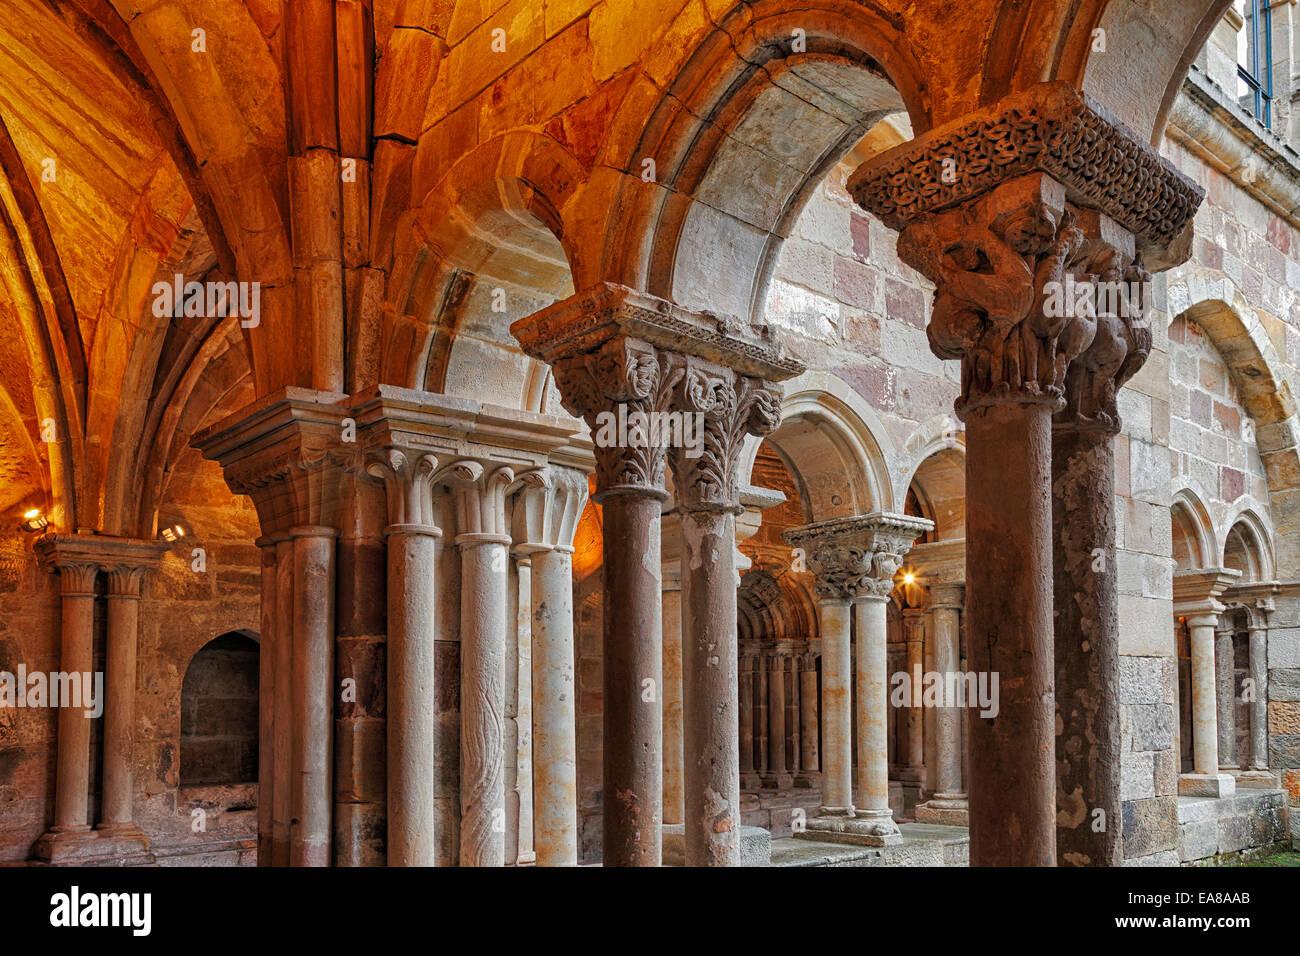 Santa Maria la Real Monastery. CLoister. Aguilar de Campoo. Palencia, Province of Castilla y León.Spain. - Stock Image